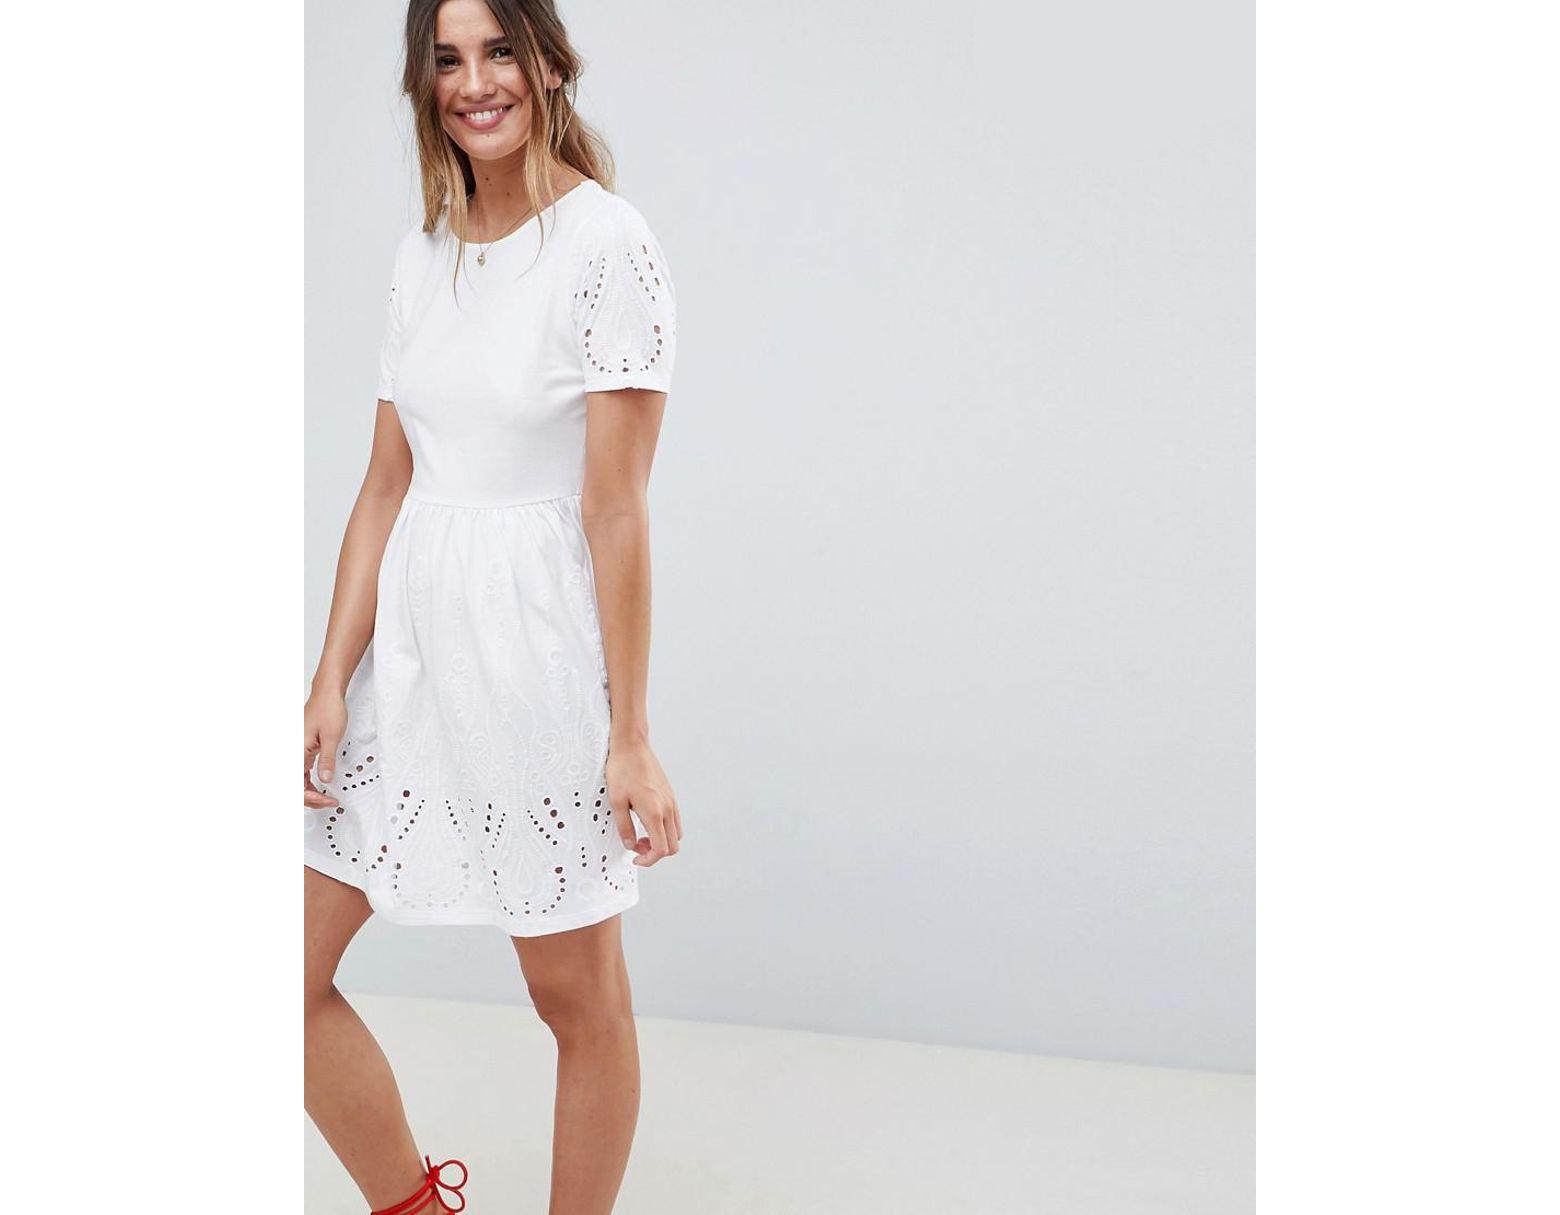 928700452c082 ASOS Broderie Mini Skater Dress in White - Lyst